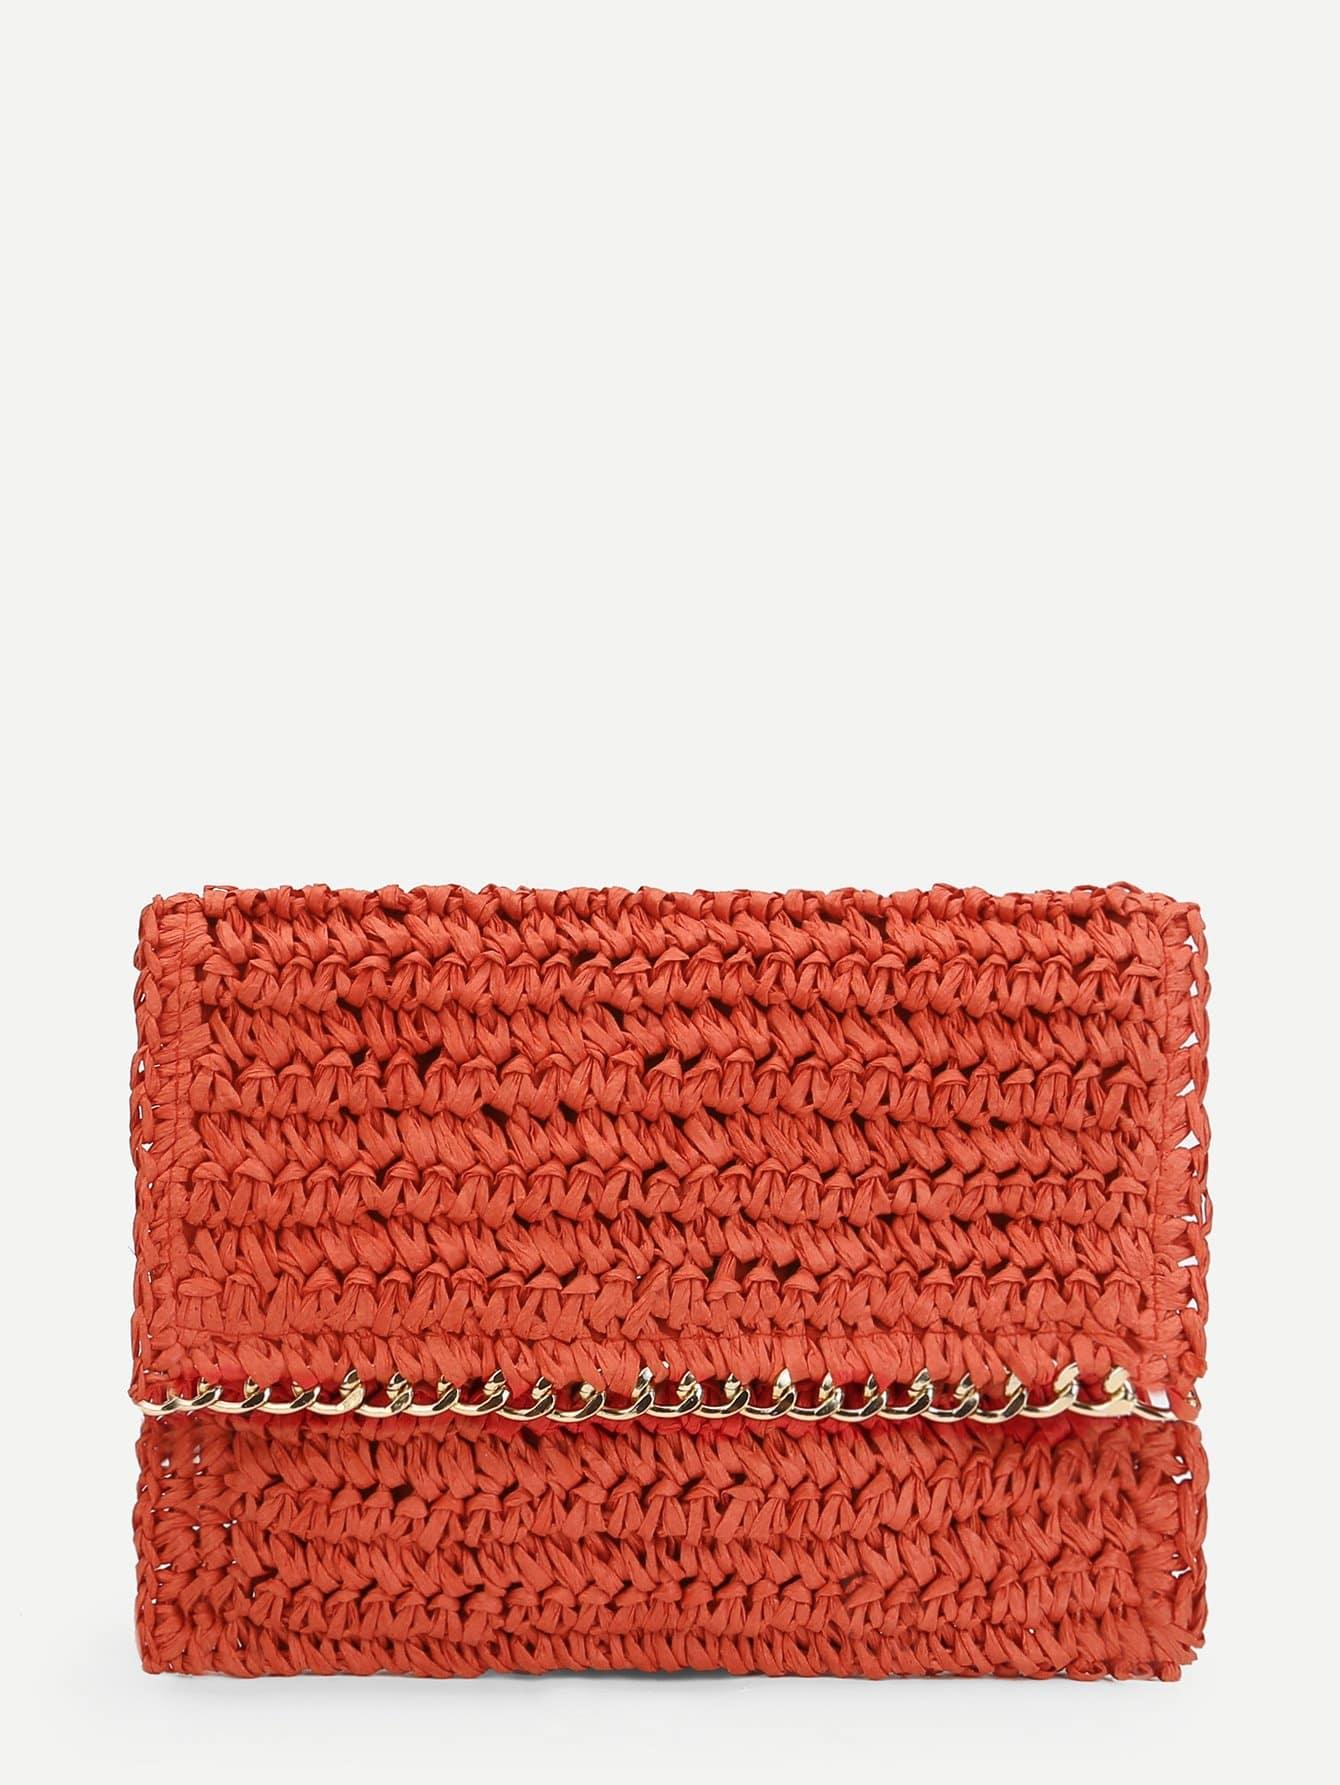 Chain Trim Woven Bag